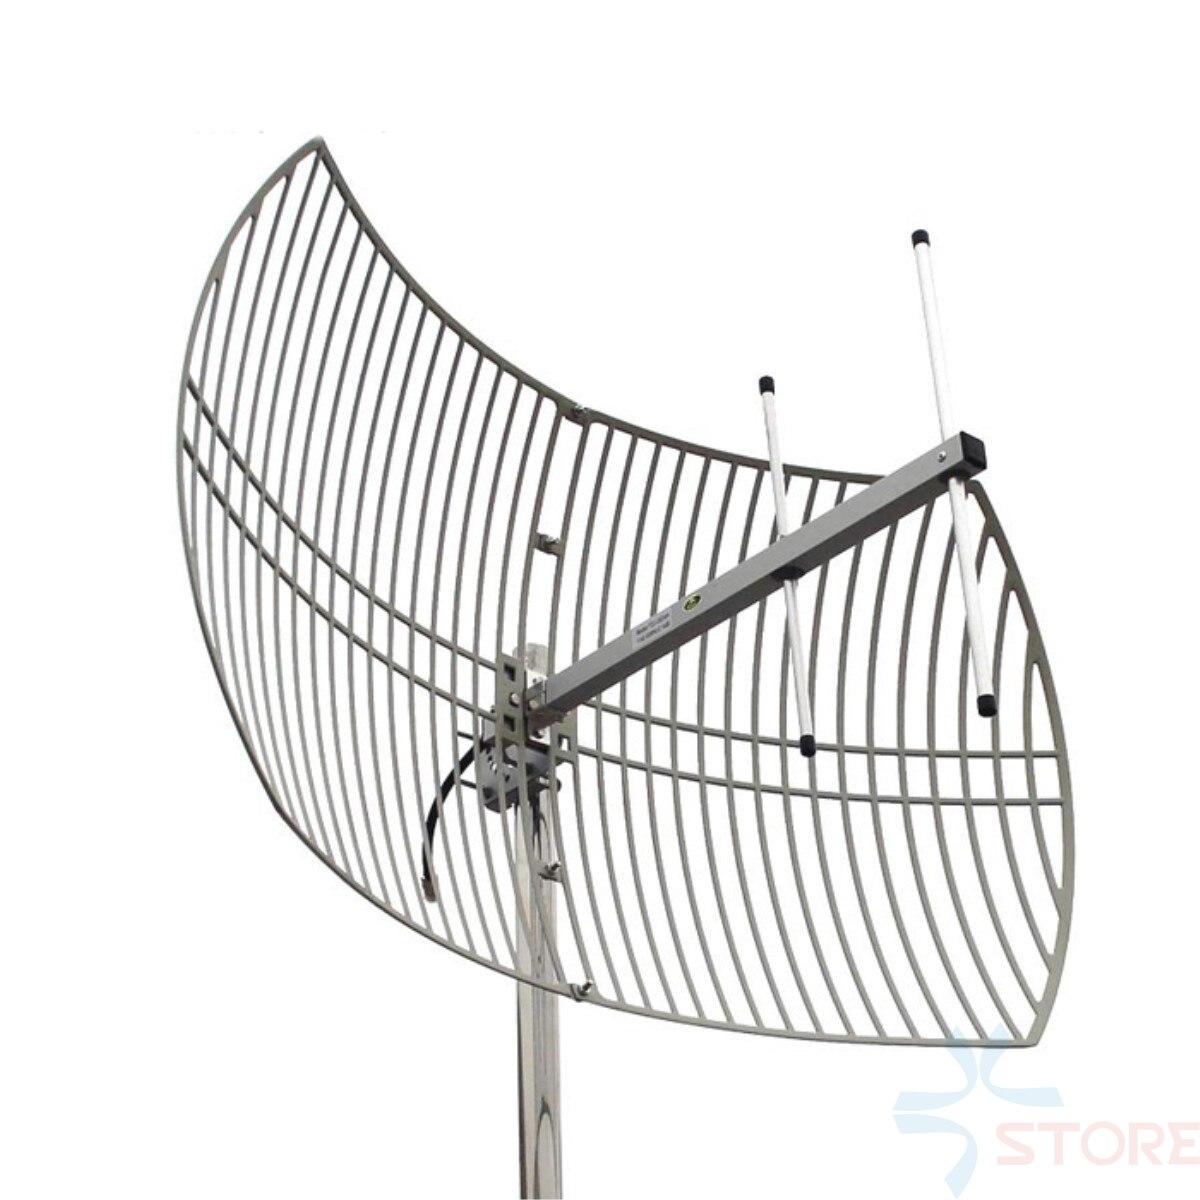 1.2g 15dBi à Gain Élevé Directionnelle Parabolique Grille Antenne Pour la Transmission Vidéo FPV RC Avion